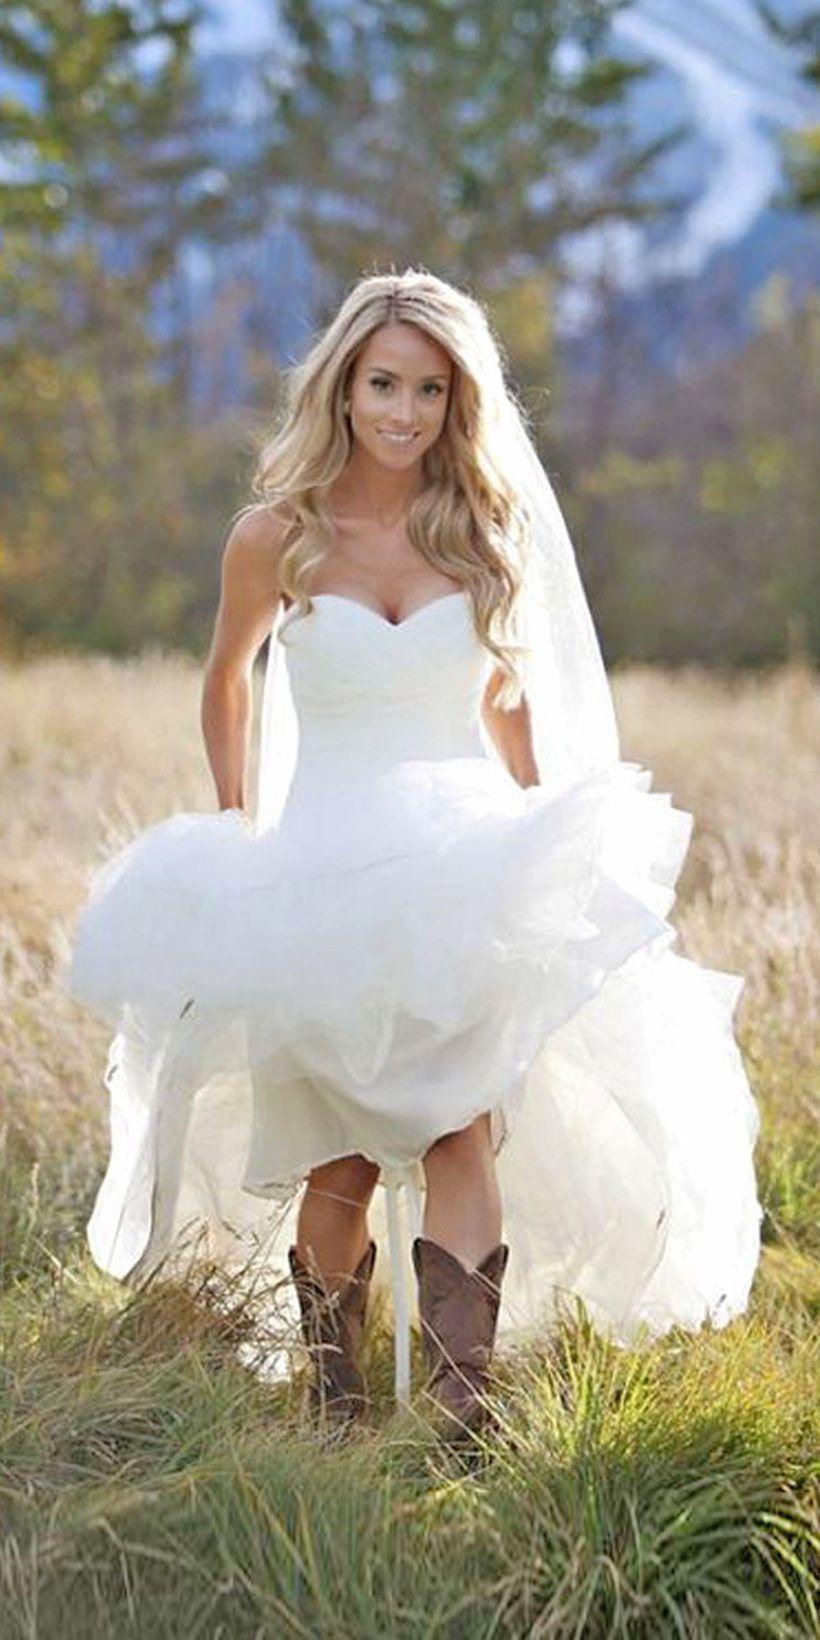 Ziemlich Brautkleider Und Cowgirlstiefel Bilder - Brautkleider Ideen ...